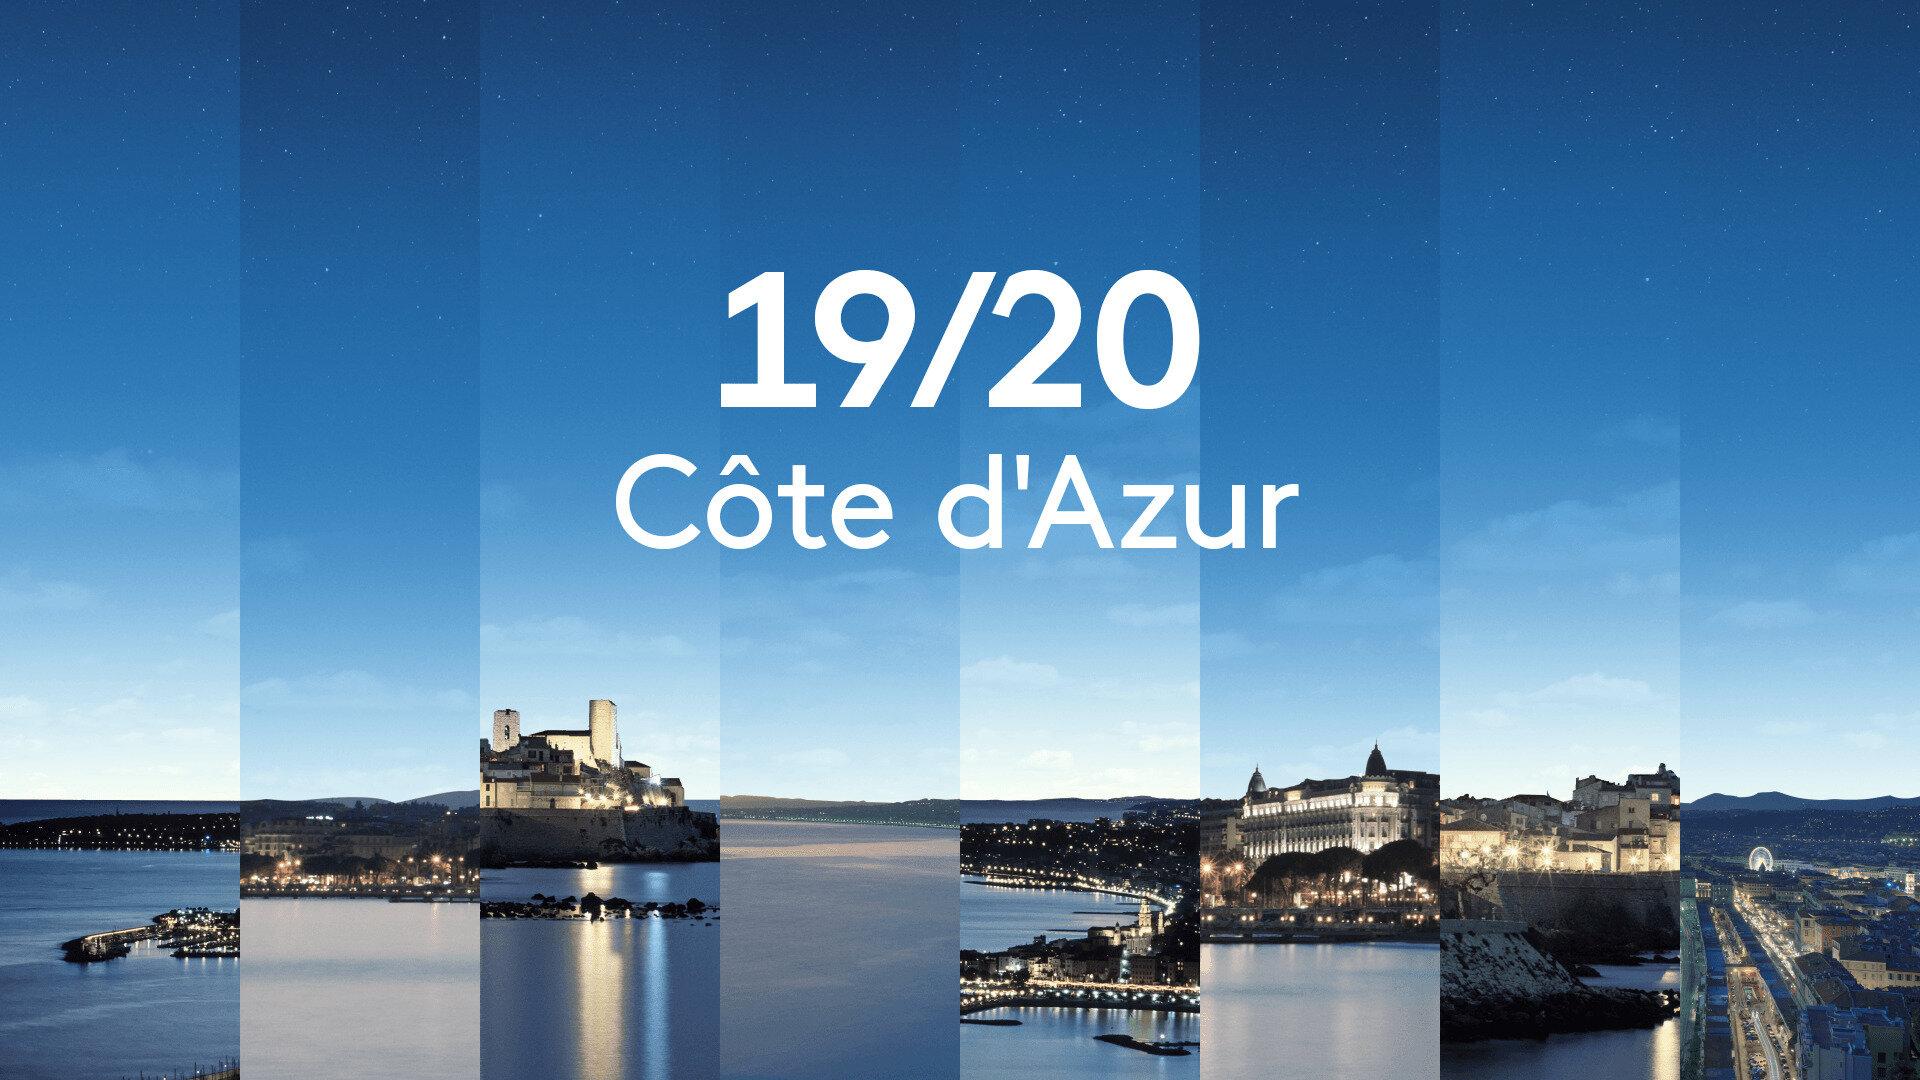 19/20 Côte d'Azur - Edition spéciale les Alpes-Maritimes reconfinées